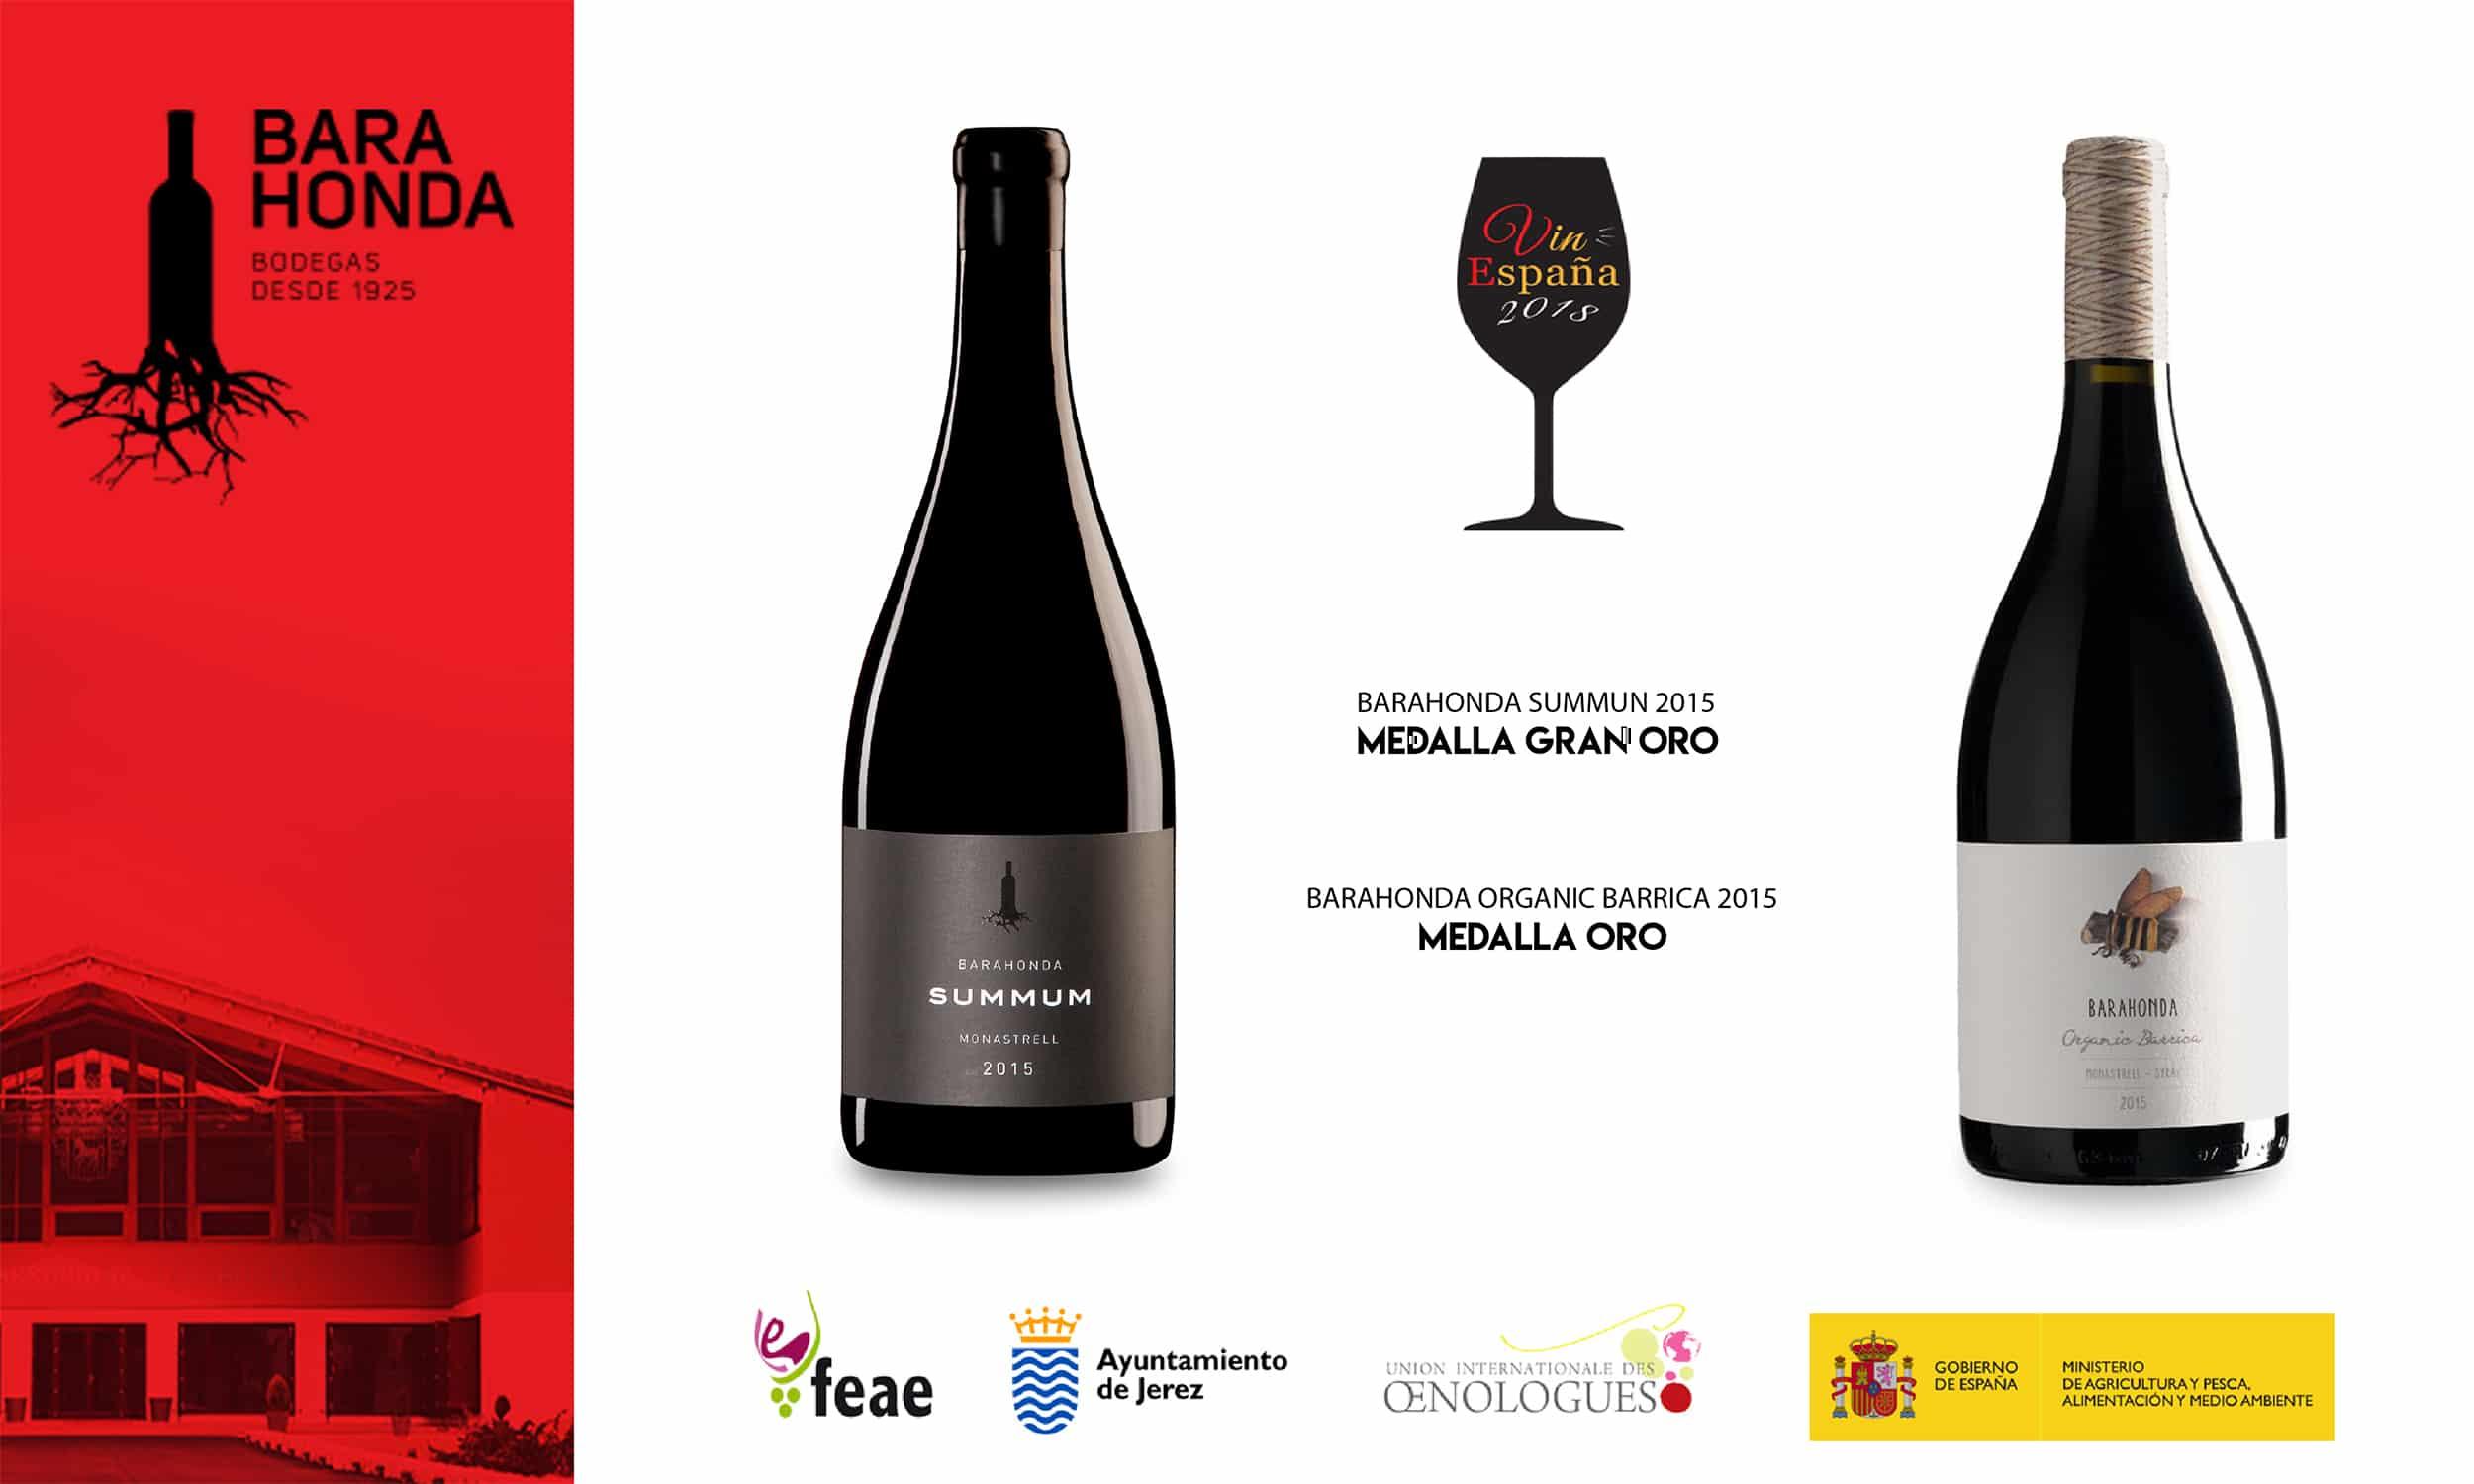 Los vinos Summun 2015 y Organic Barrica 2015 premiados en Vinespaña 2018